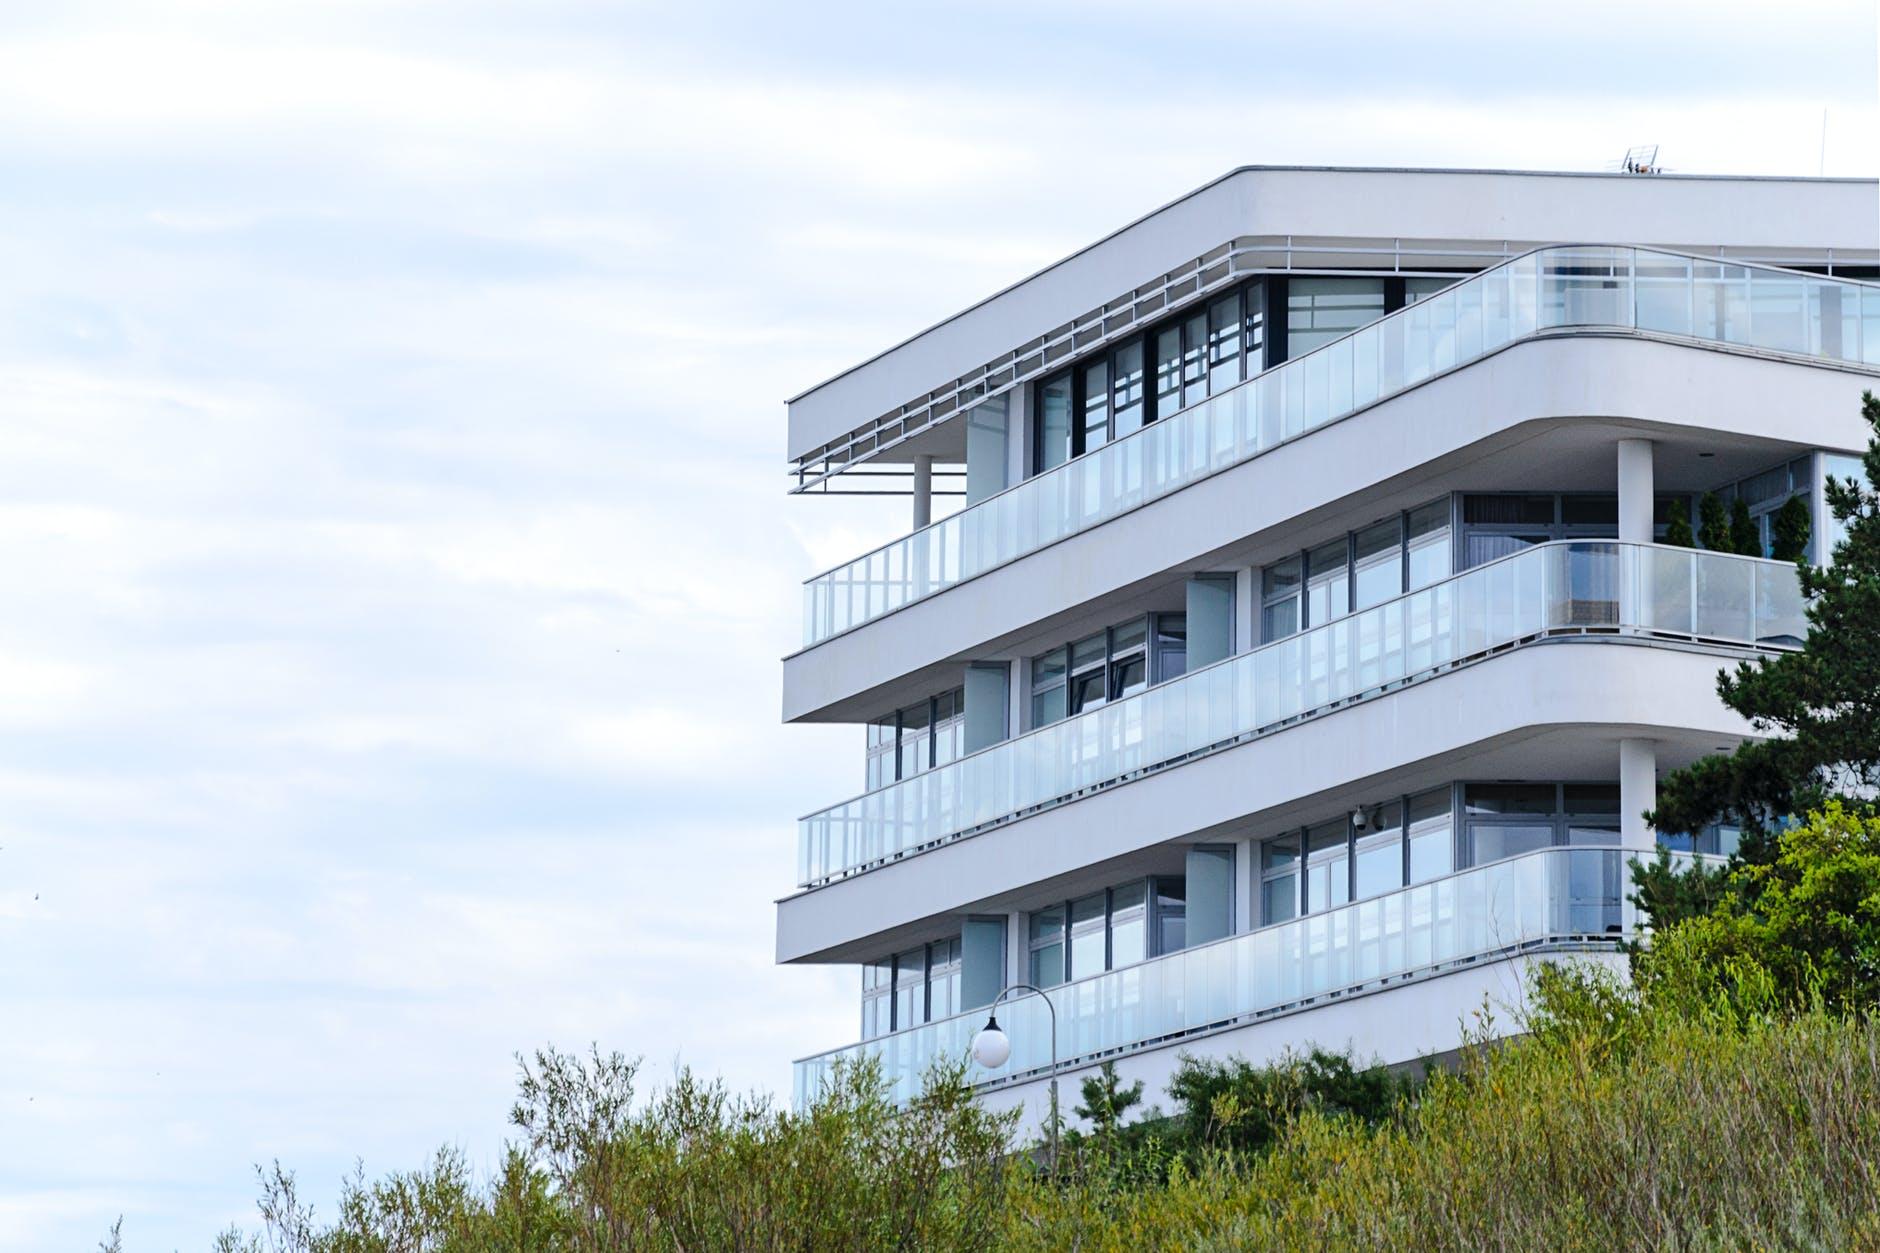 Copertina articolo Comprare casa: meglio puntare su un appartamento o su una villa indipendente?